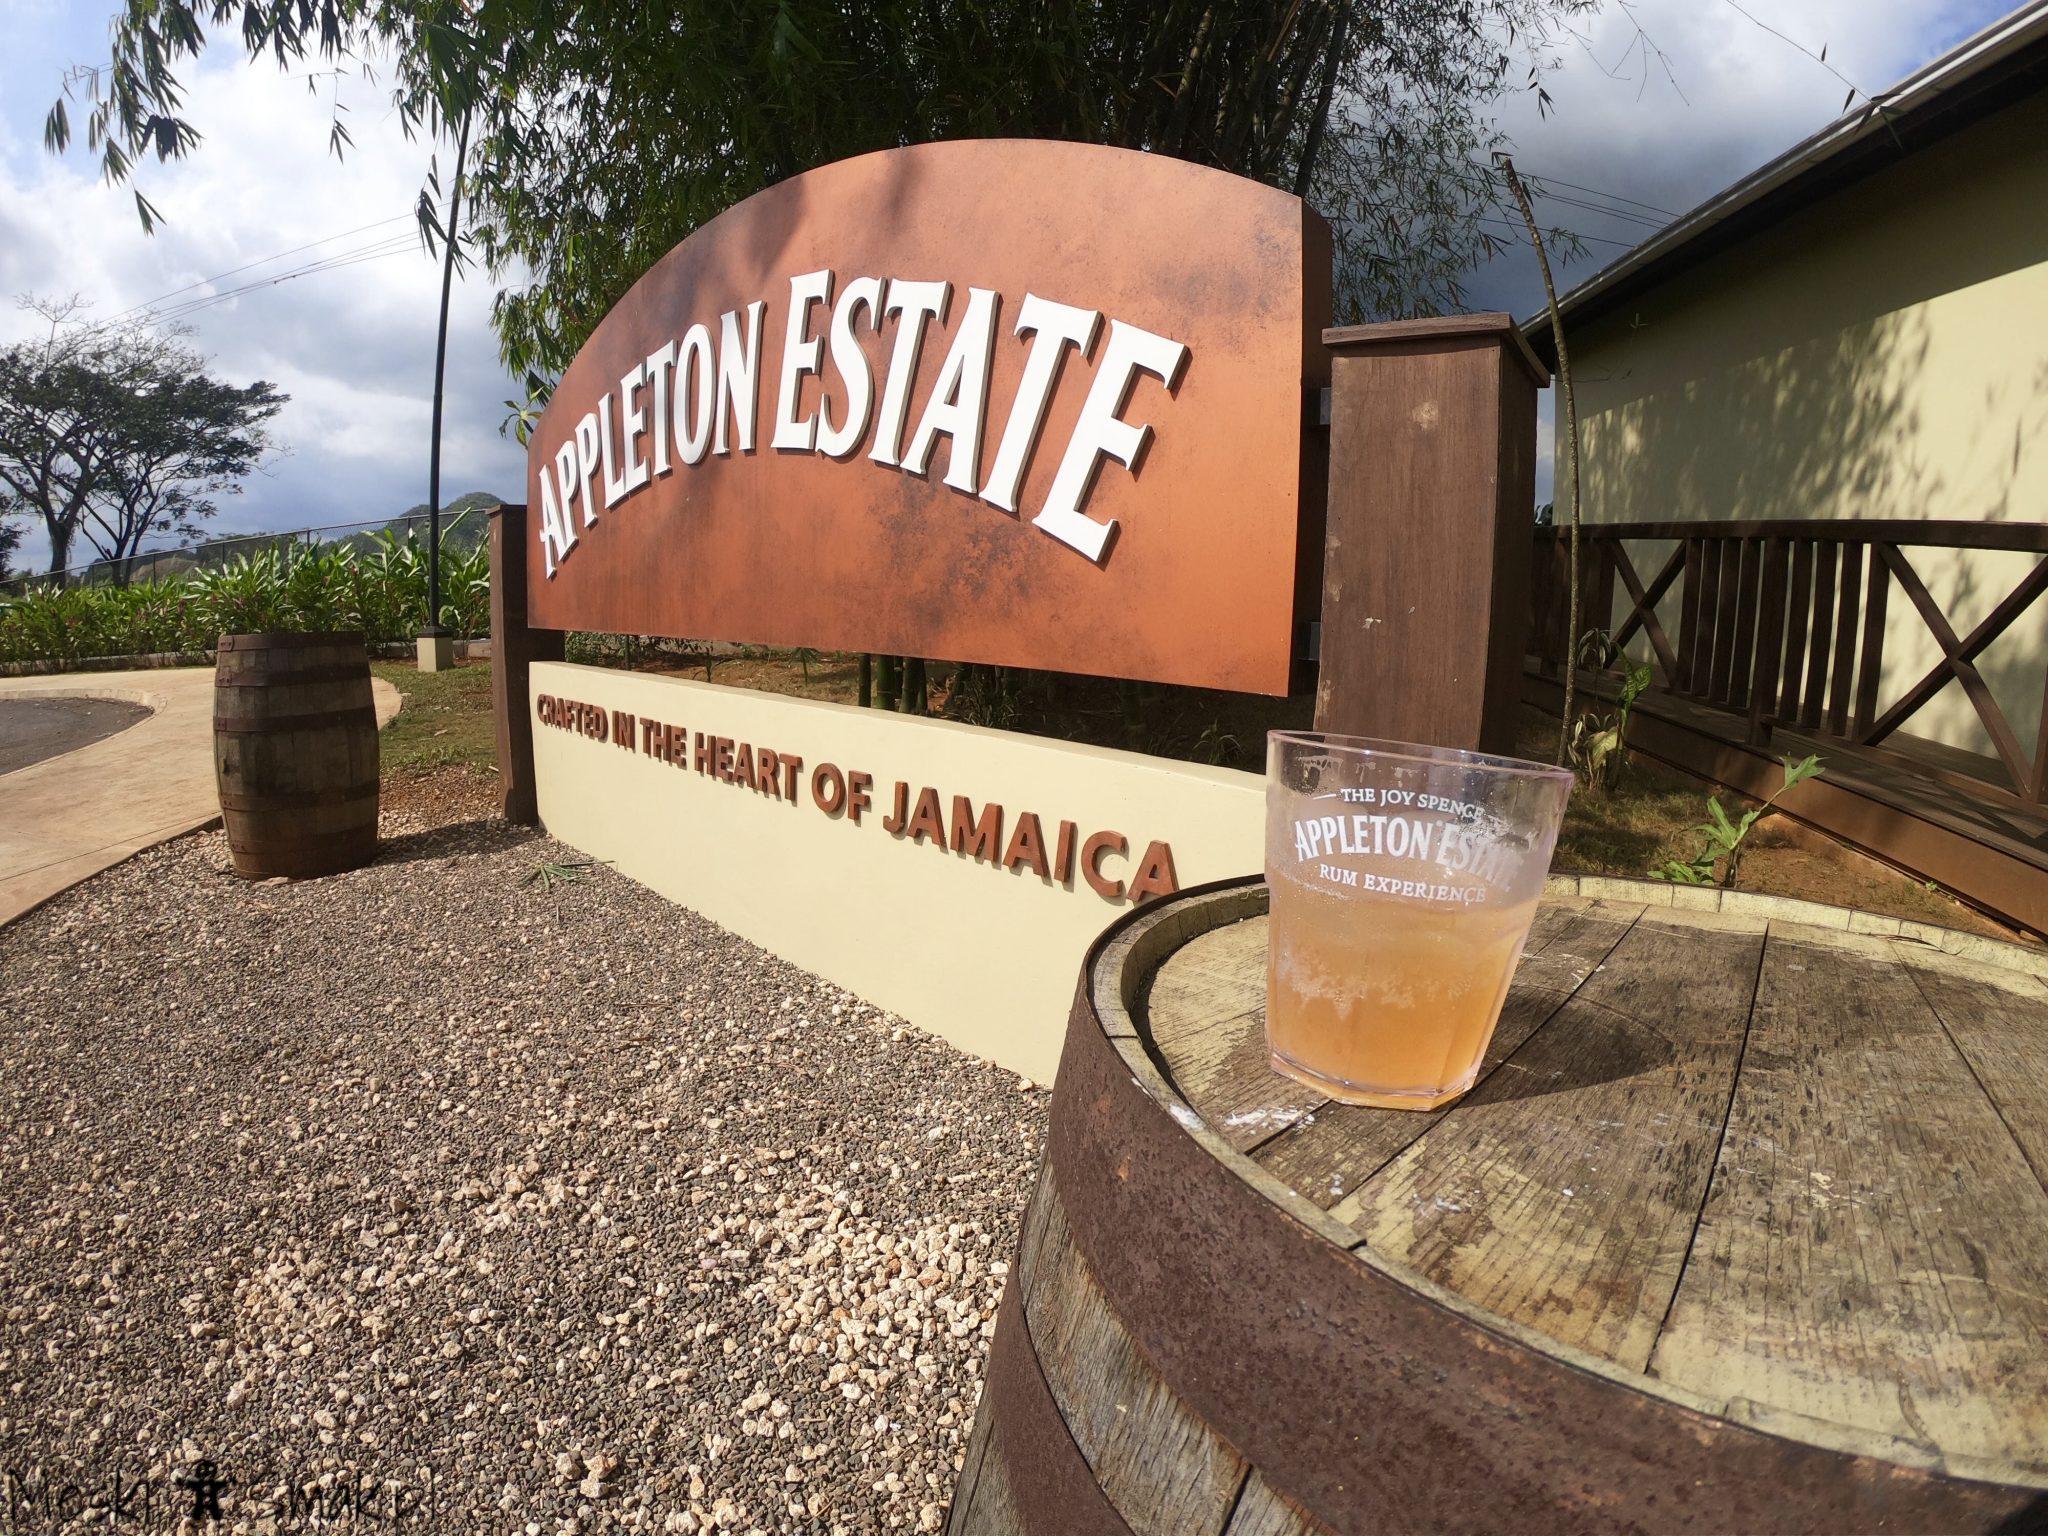 Wakacje i wycieczki Jamajka_wszystko o Fabryka Appleton Estate Rum